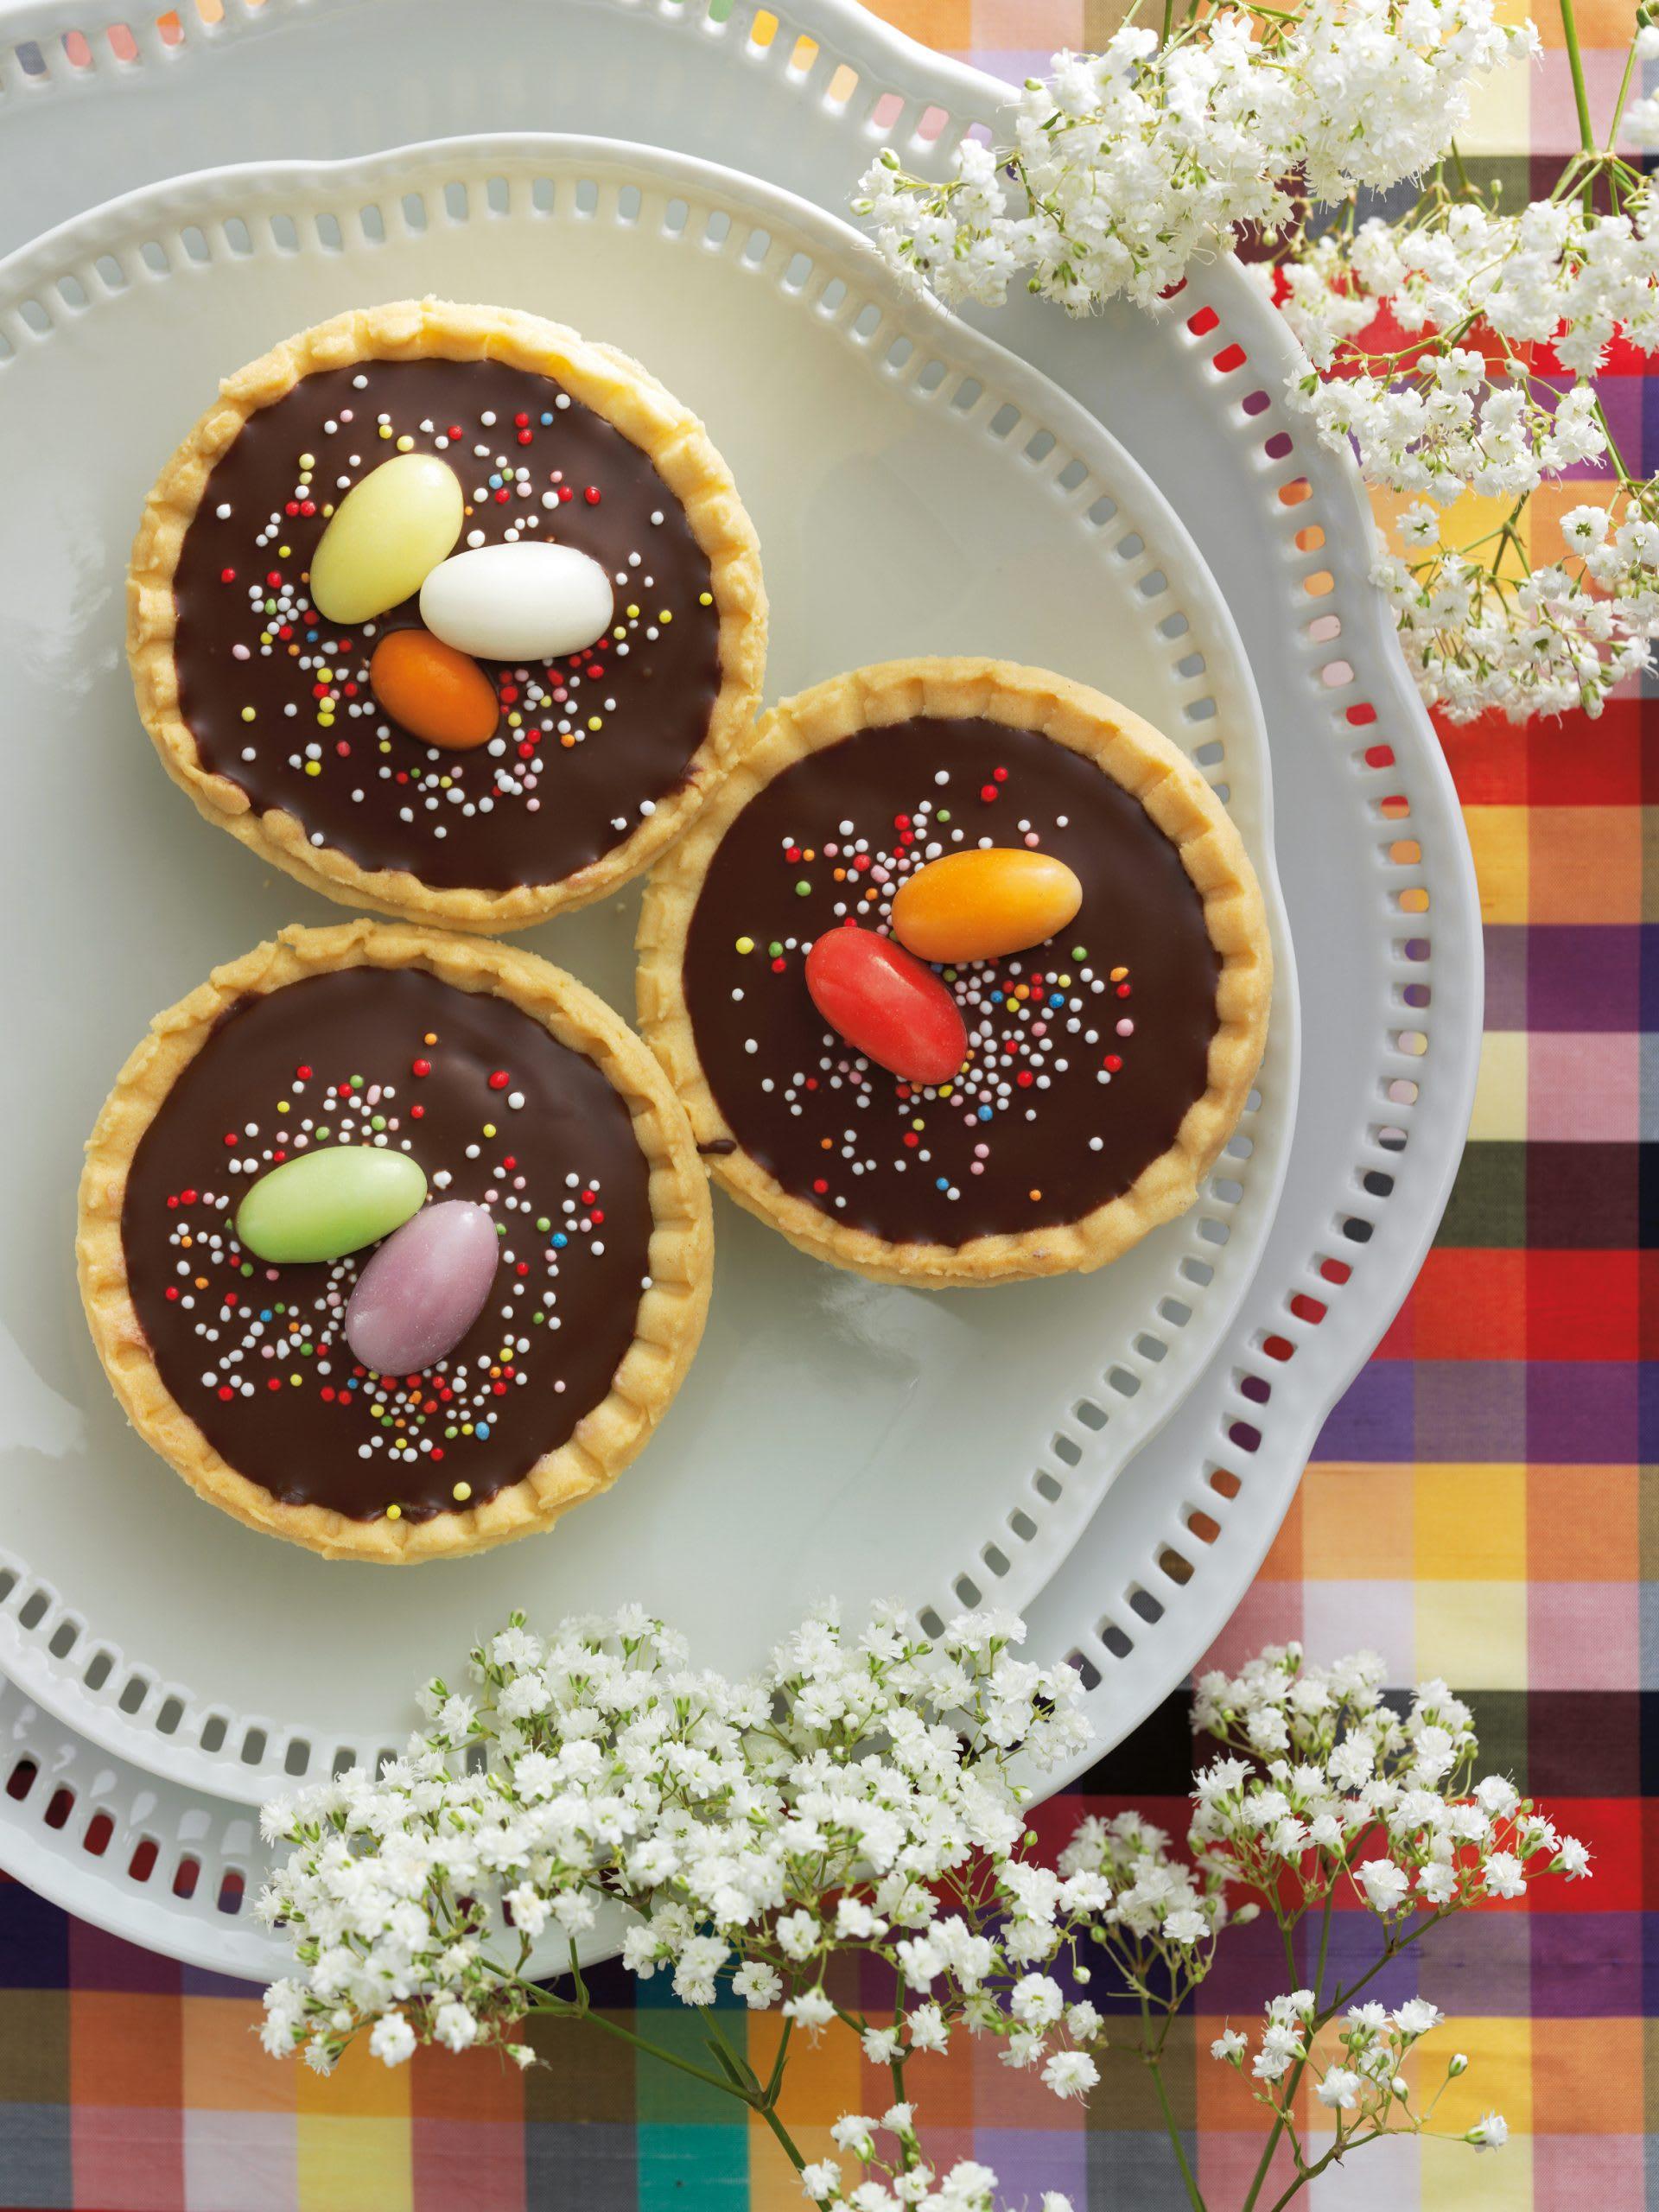 Caracs rhubarbe-chocolat